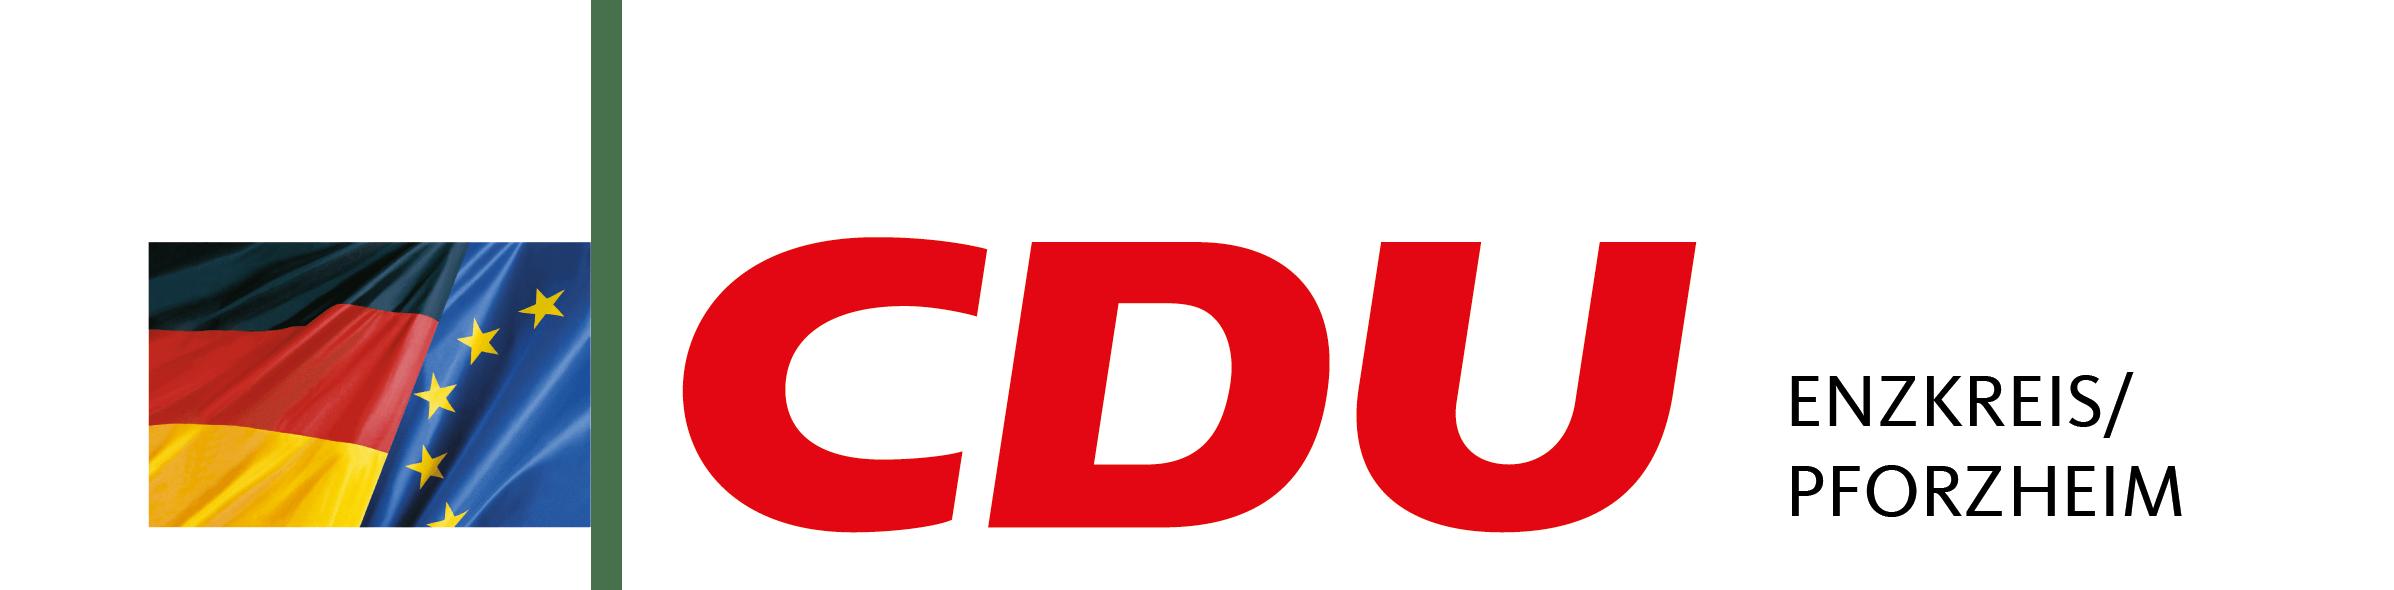 Logo von CDU Stadtverband Pforzheim